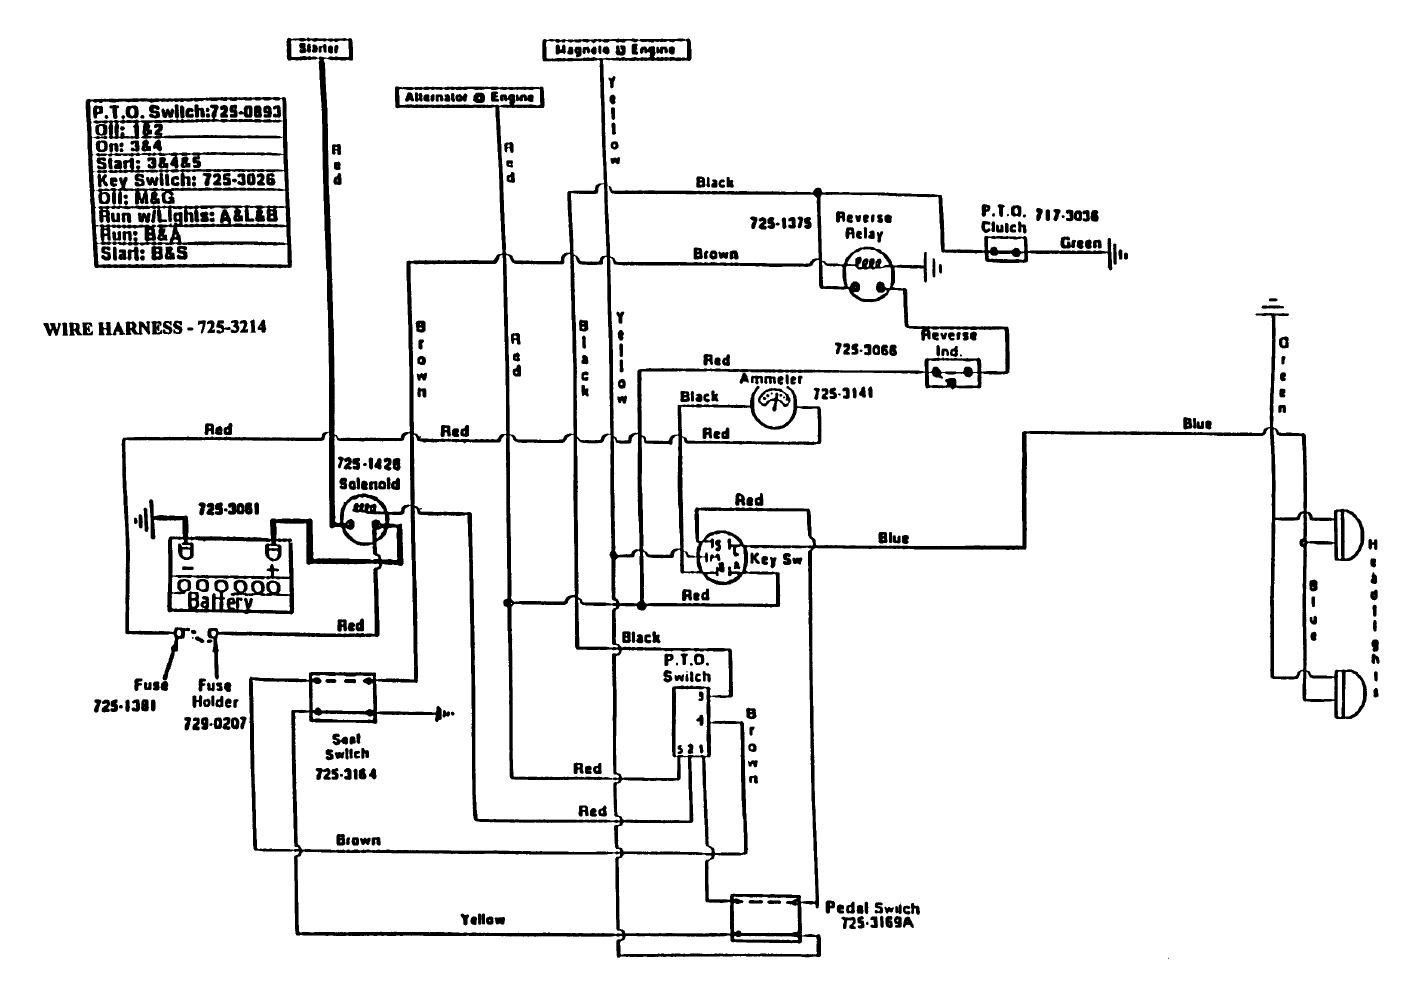 Cub Cadet 1320 Wiring Diagram - 1995 Mitsubishi Eclipse Wiring Diagrams -  bobcate-s70.yenpancane.jeanjaures37.frWiring Diagram Resource